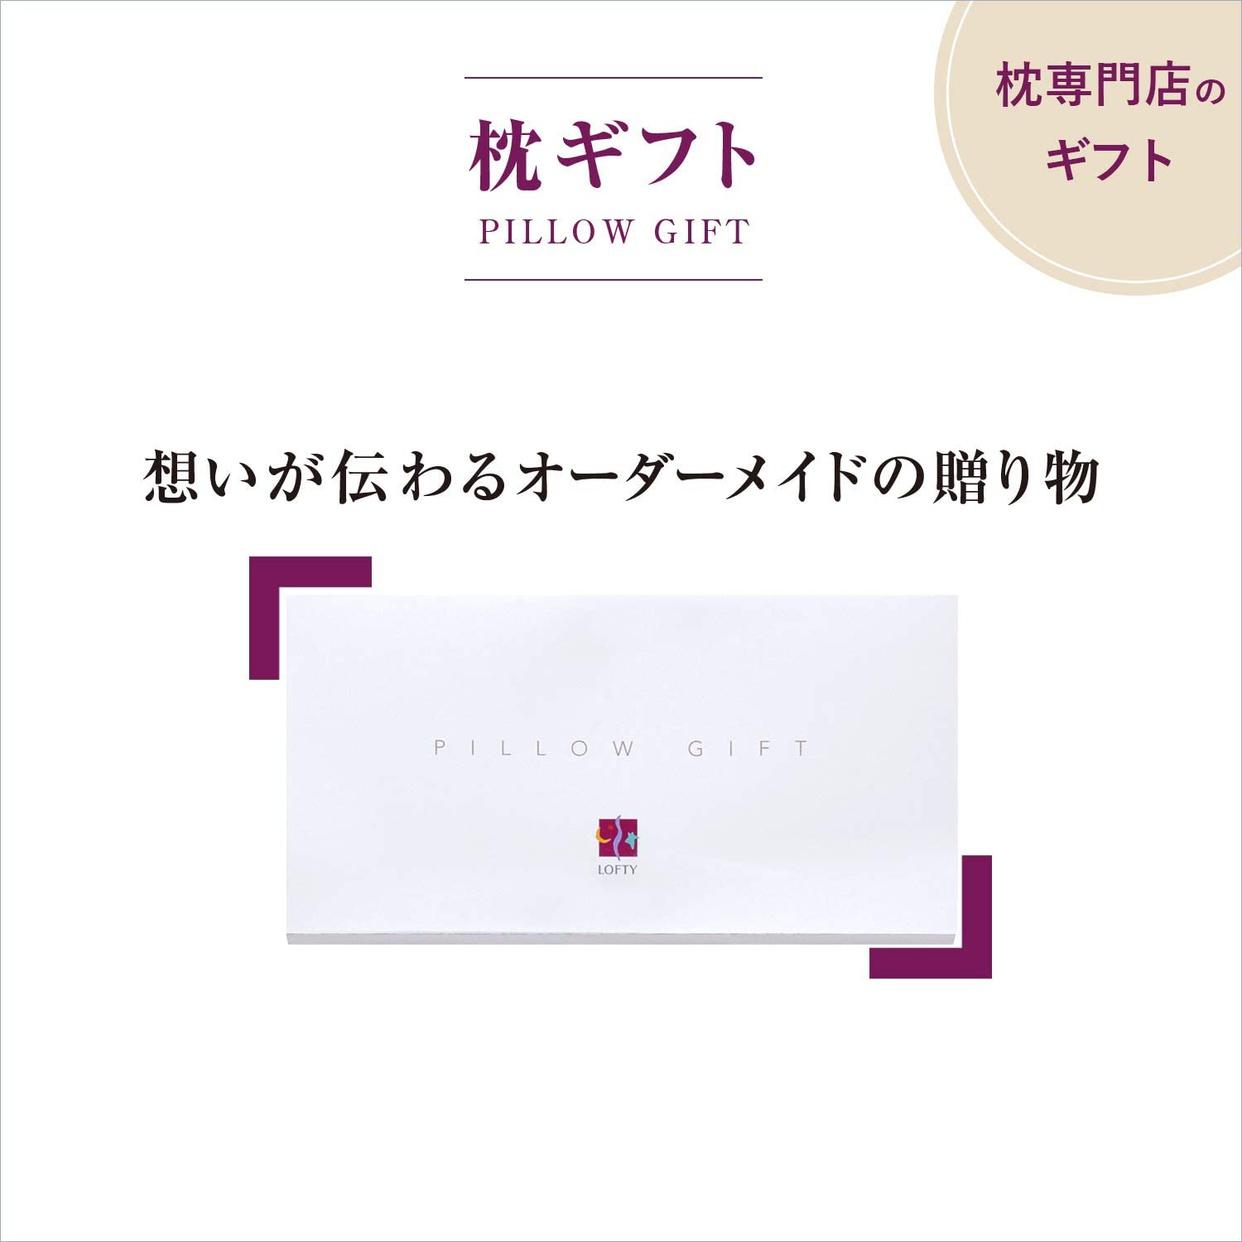 LOFTY(ロフテー) 枕ギフトの商品画像2